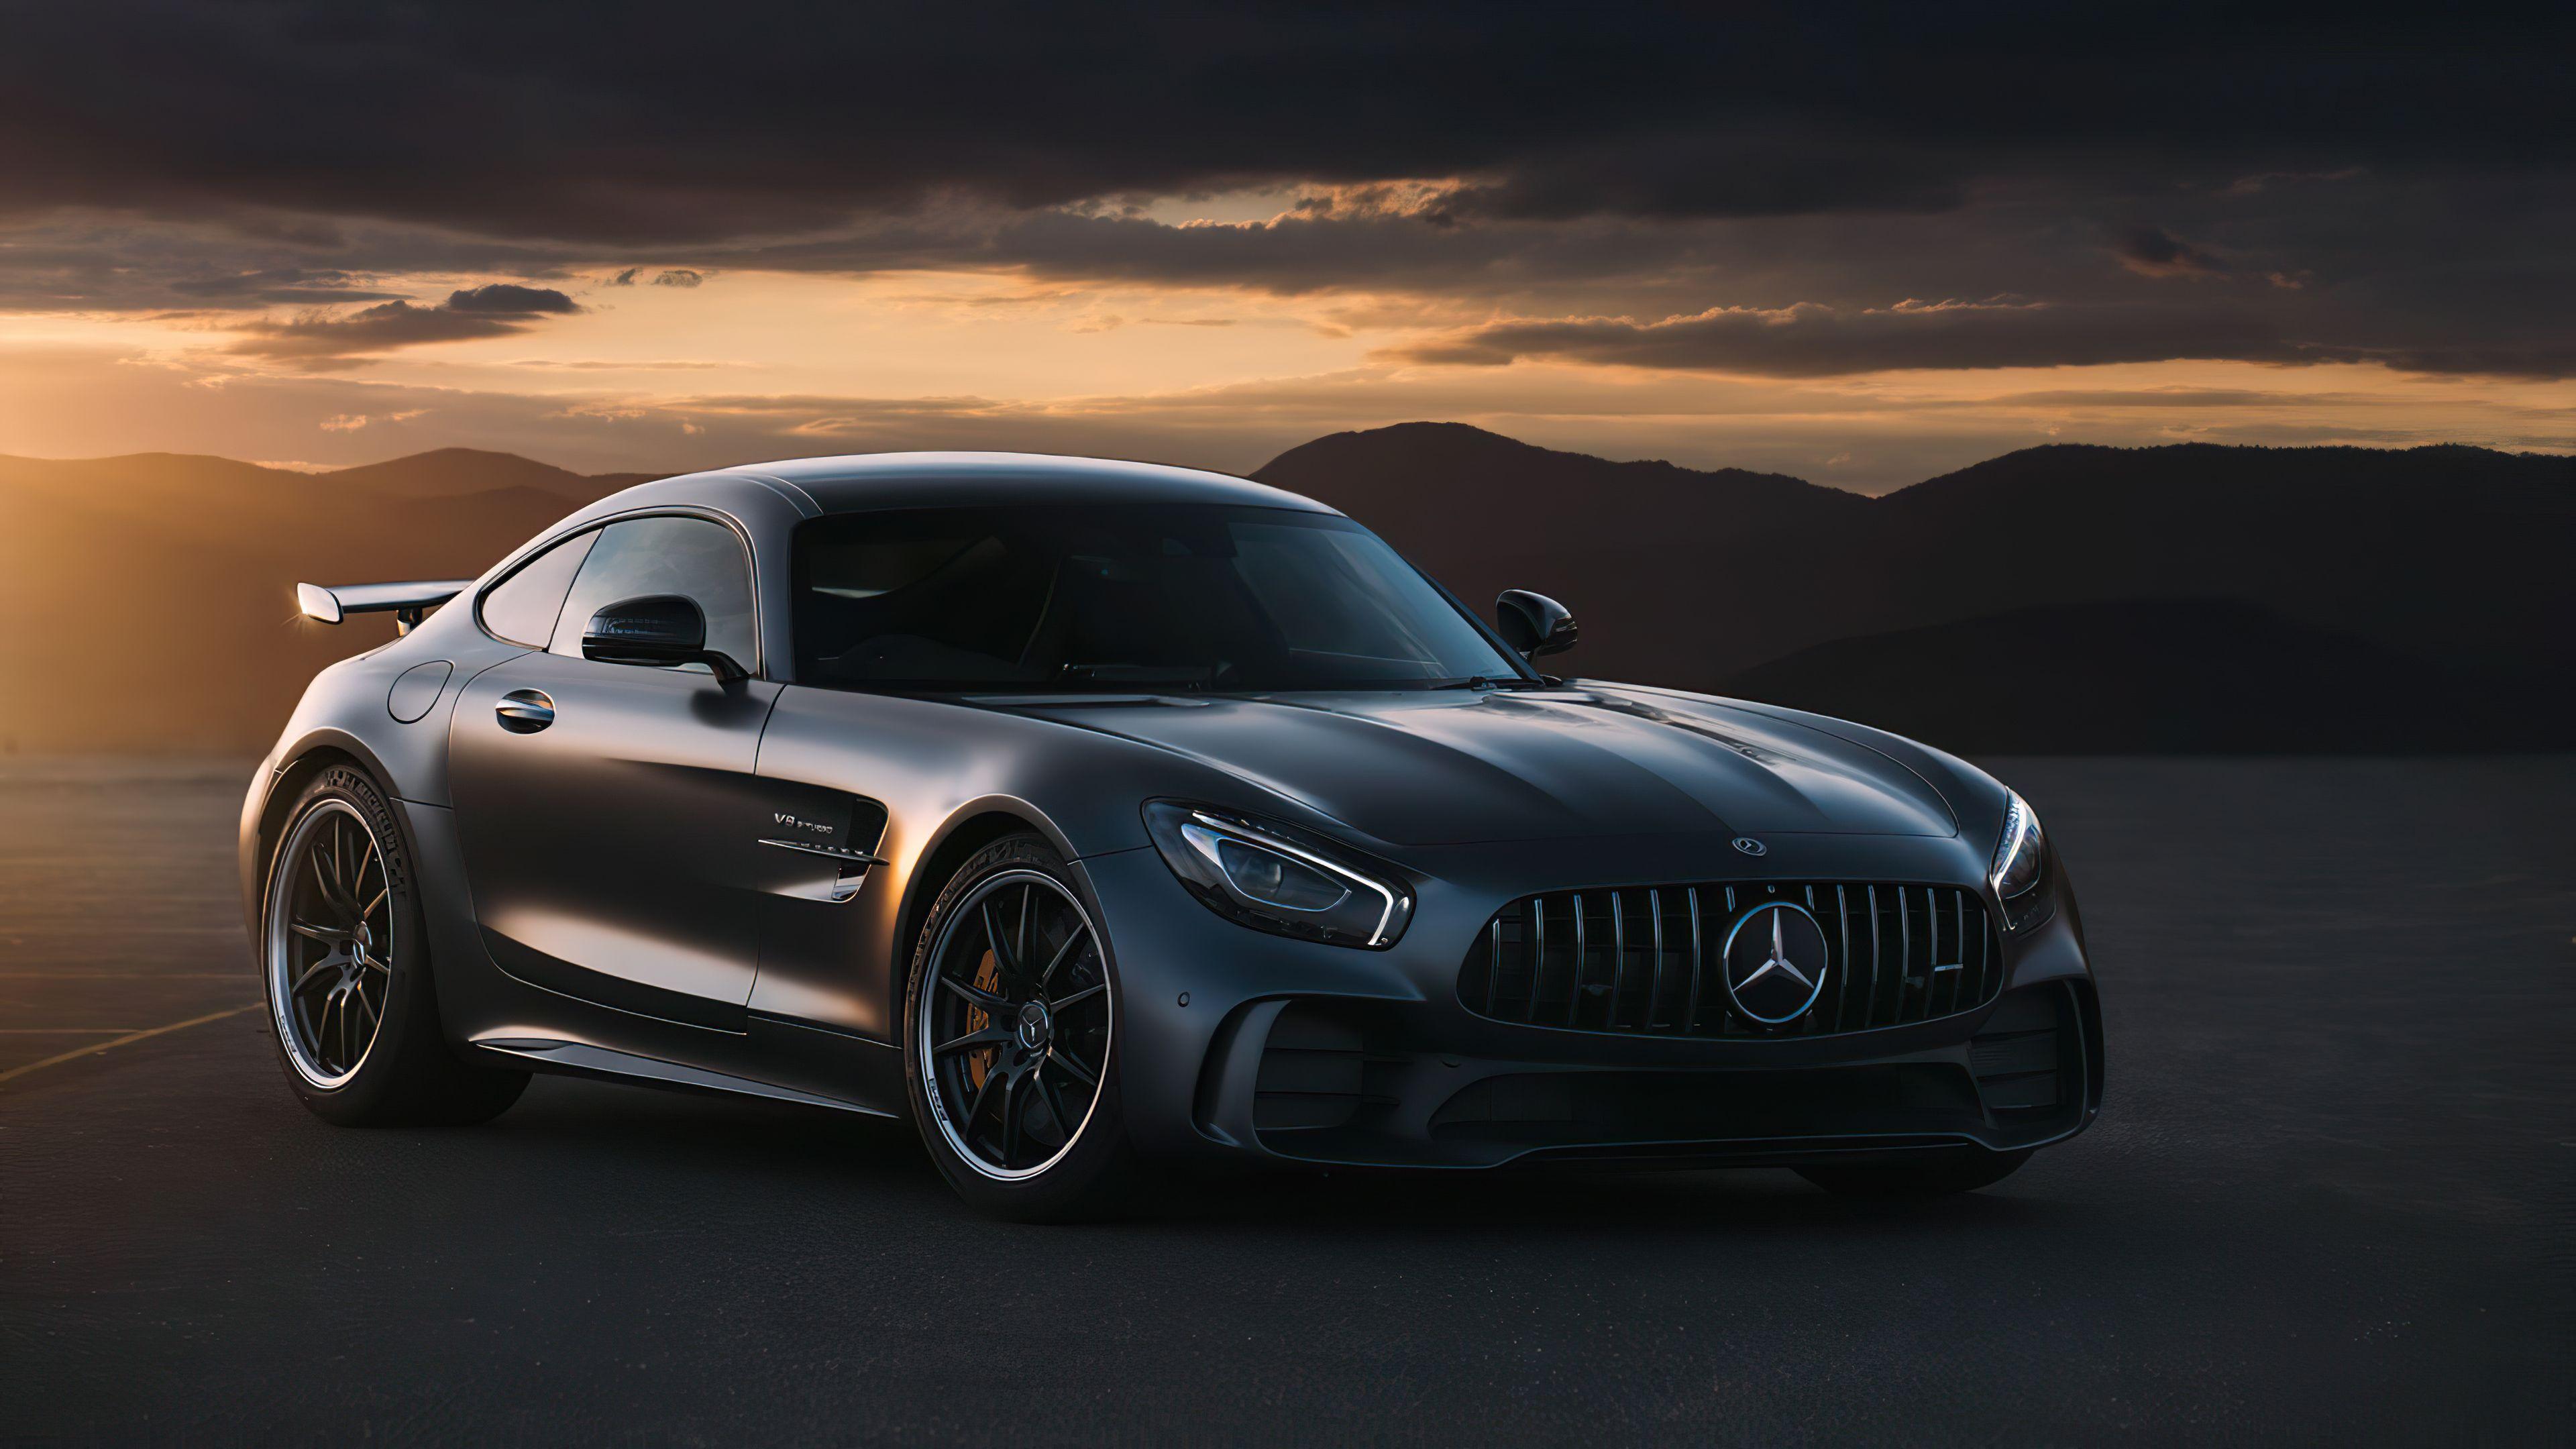 Mercedes Benz Amg Gt 2020 4k Mercedes Benz Amg Gt 2020 4k Wallpapers In 2021 Mercedes Benz Amg Mercedes Benz Amg Gt Mercedes